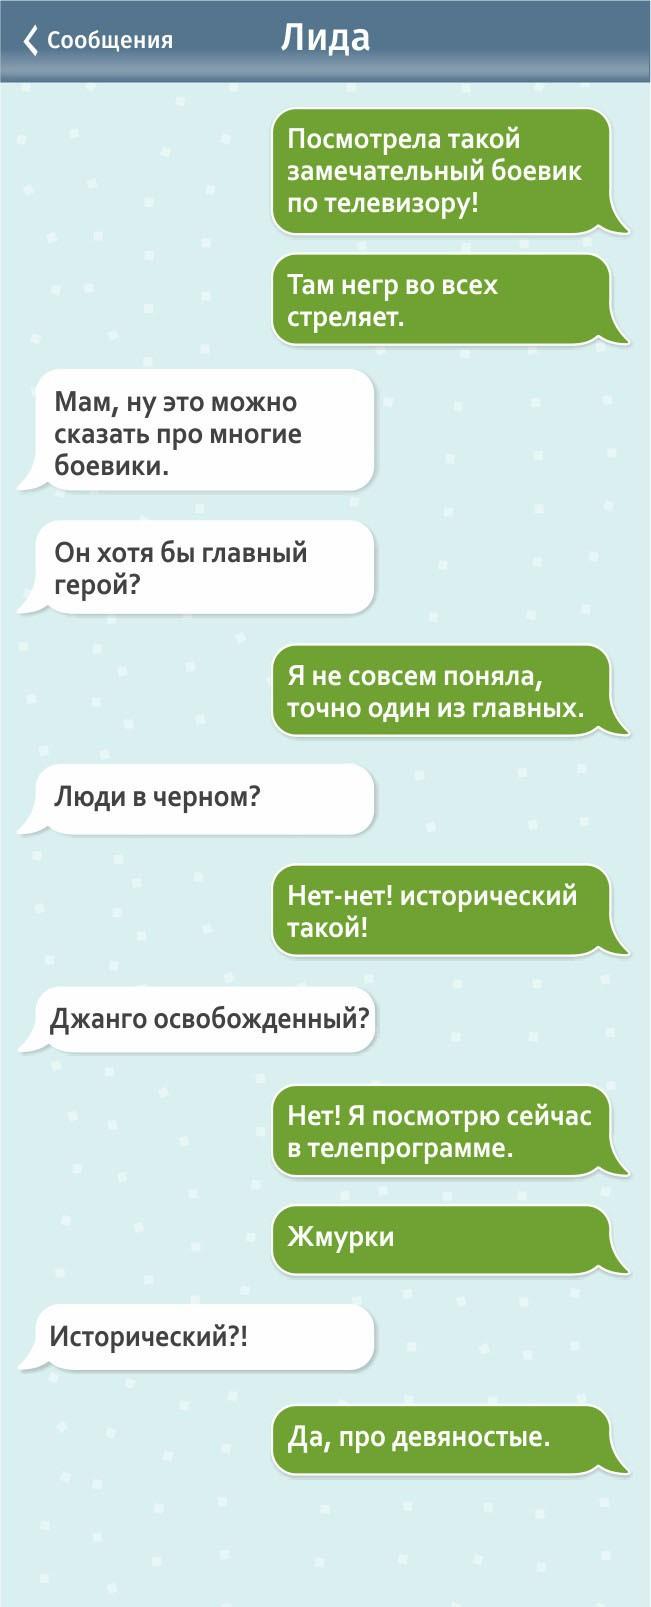 Забавные СМС-ки от мамы, которая очень любит смотреть фильмы